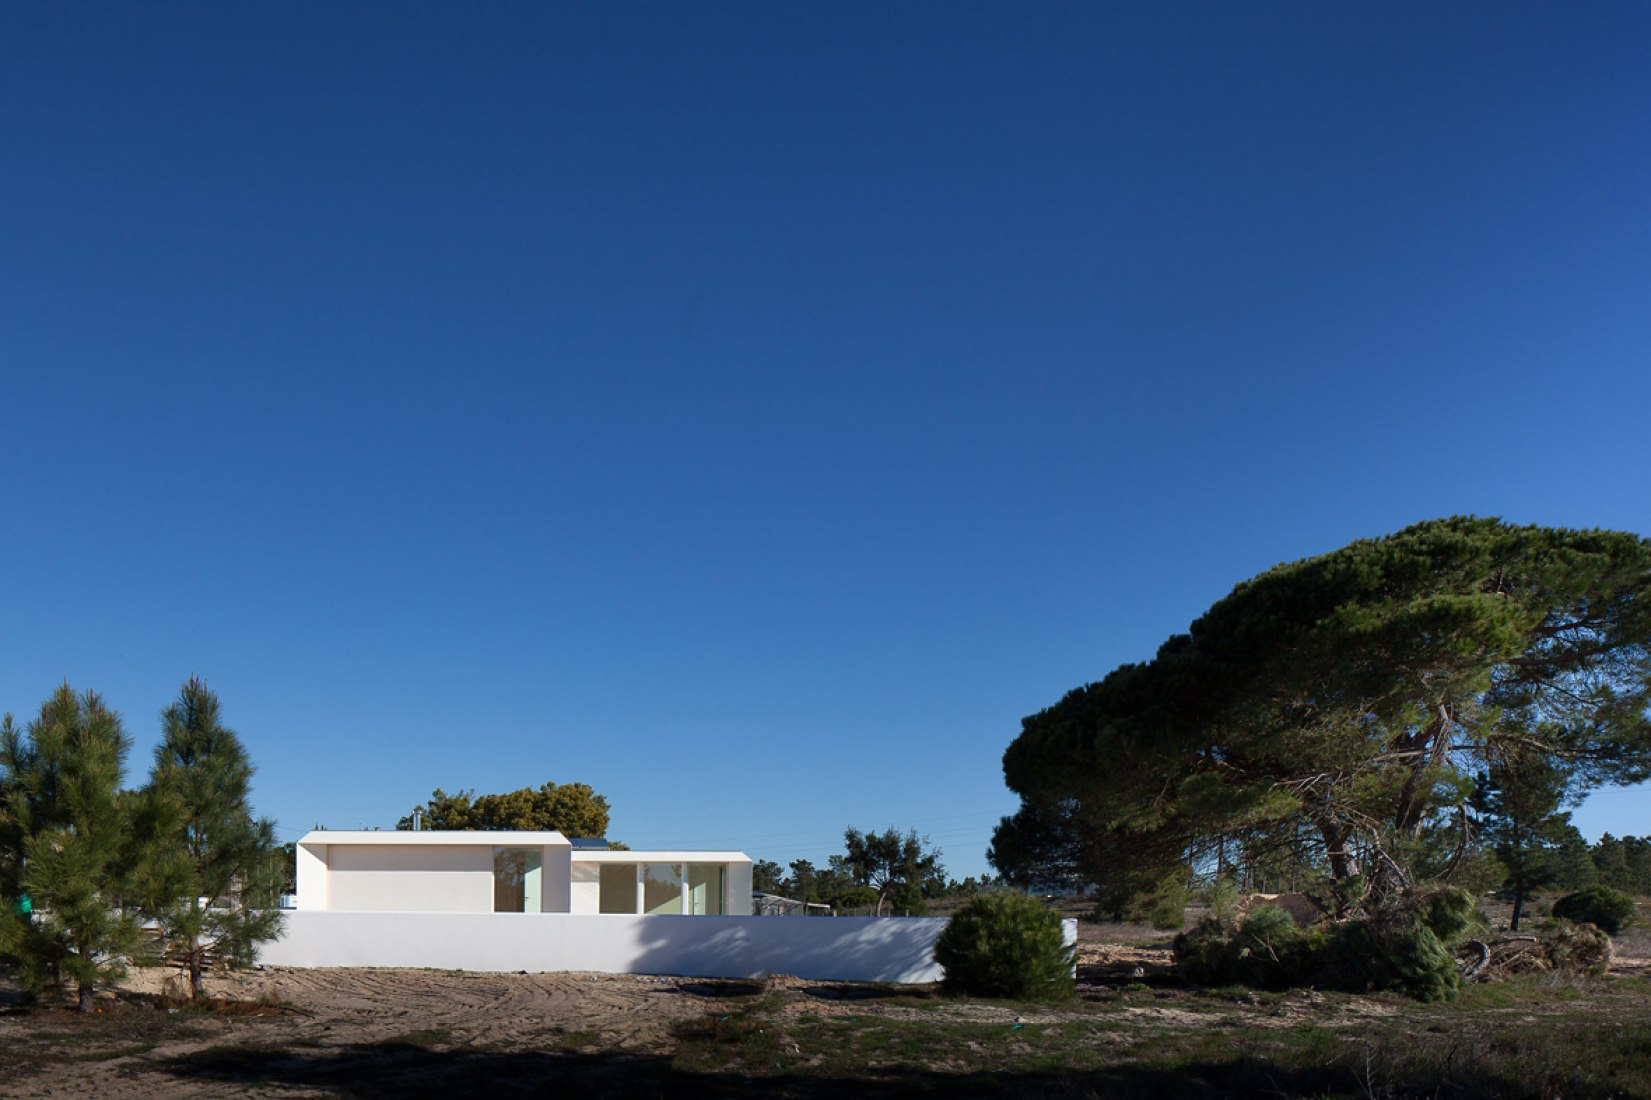 Alrededores. Casa MIMA en Composta por MIMA. Fotografía © José Campos.